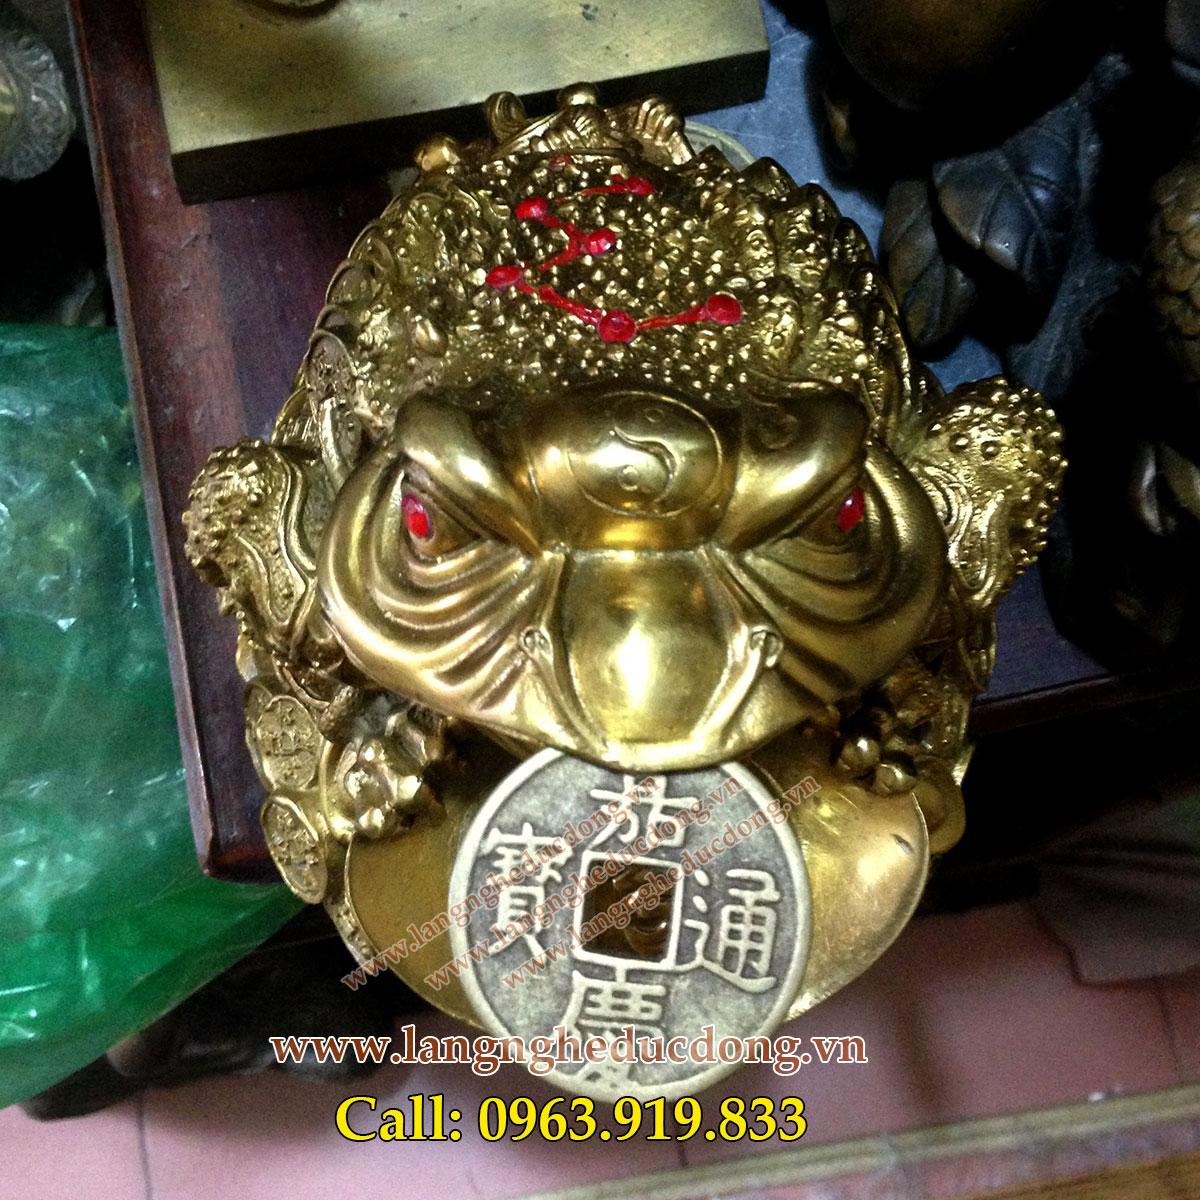 langngheducdong.vn - Cóc ngồi tiền, cóc 3 chân cao 15cm